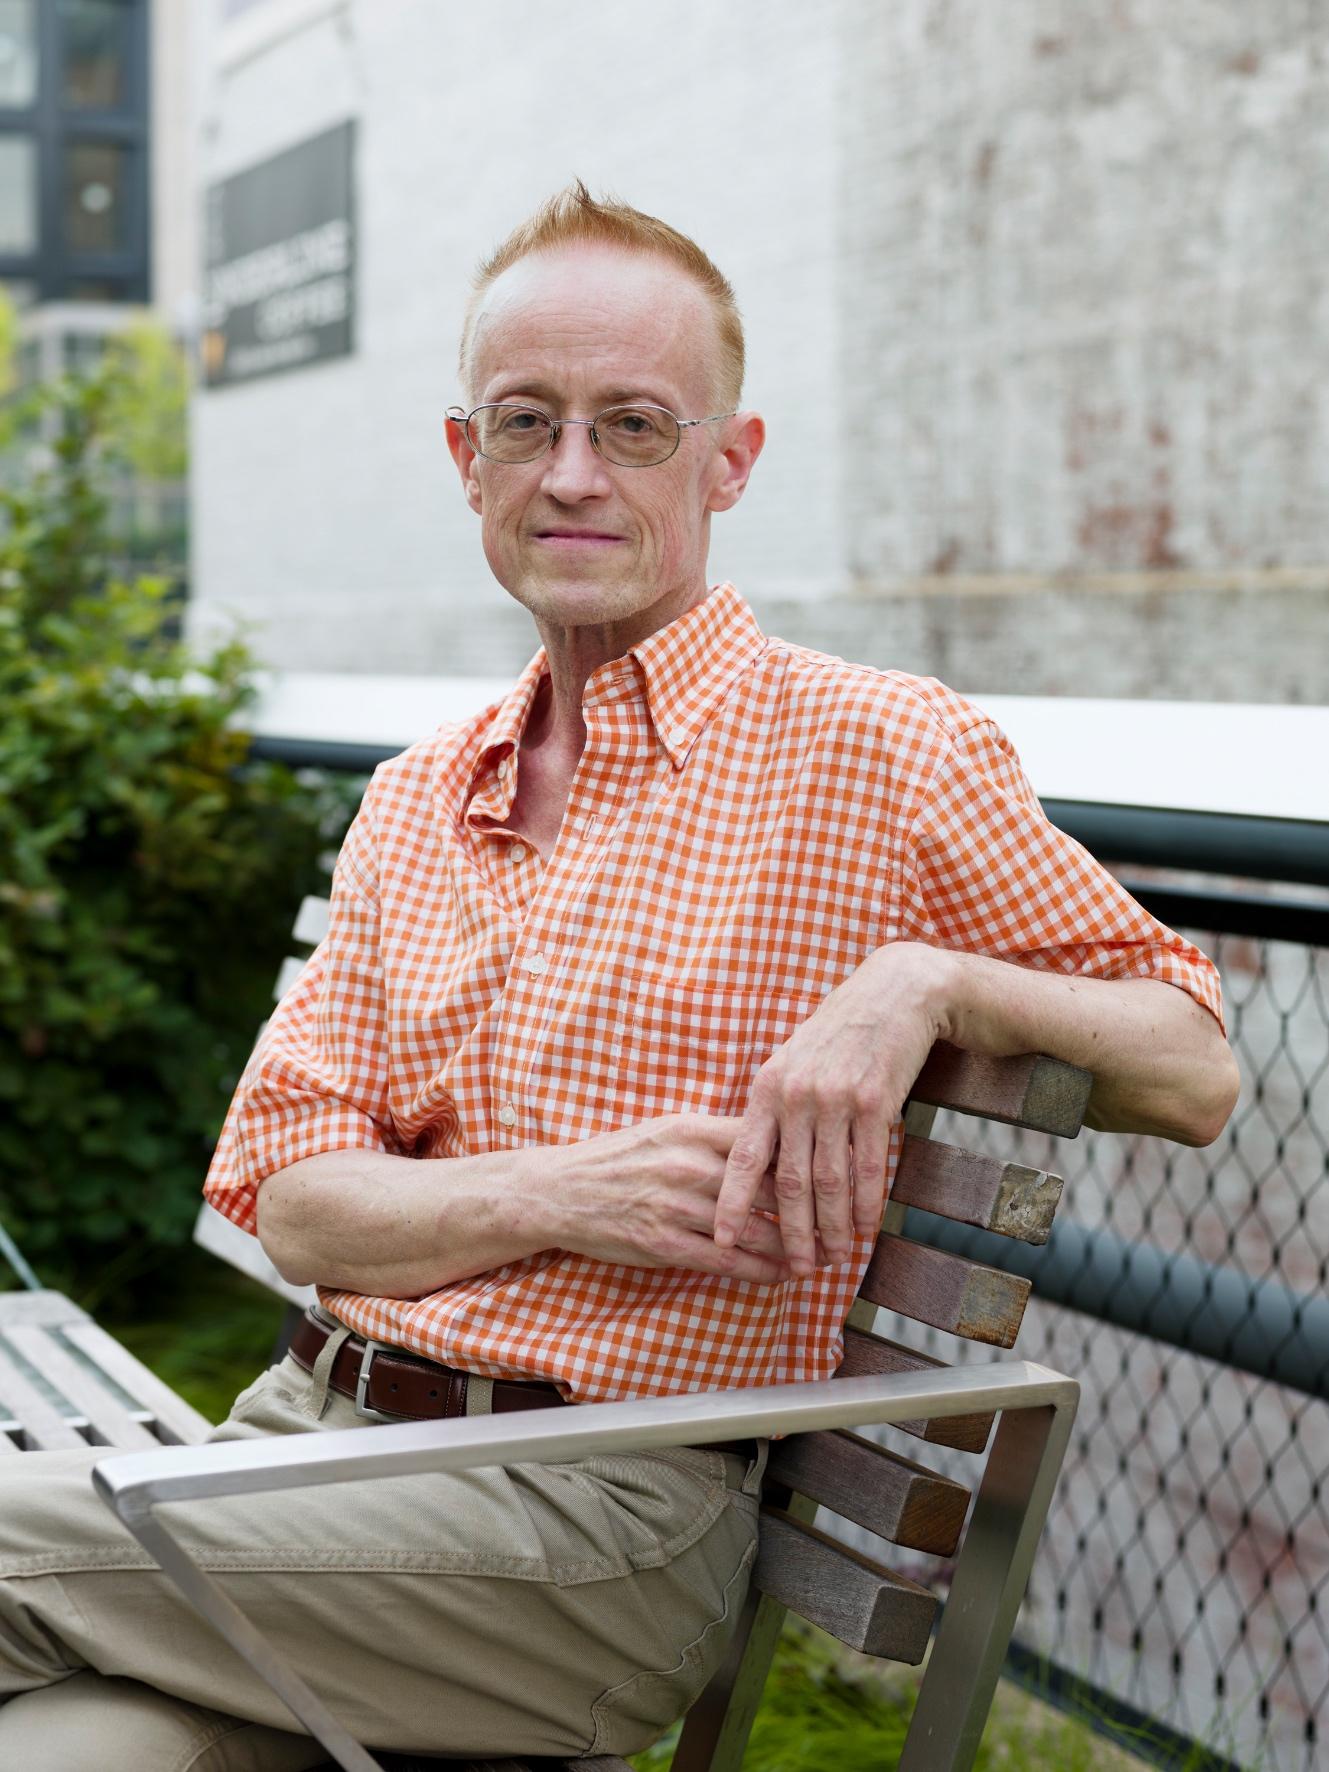 7_Jay, 59, New York, NY, 2015 © Jess T. Dugan